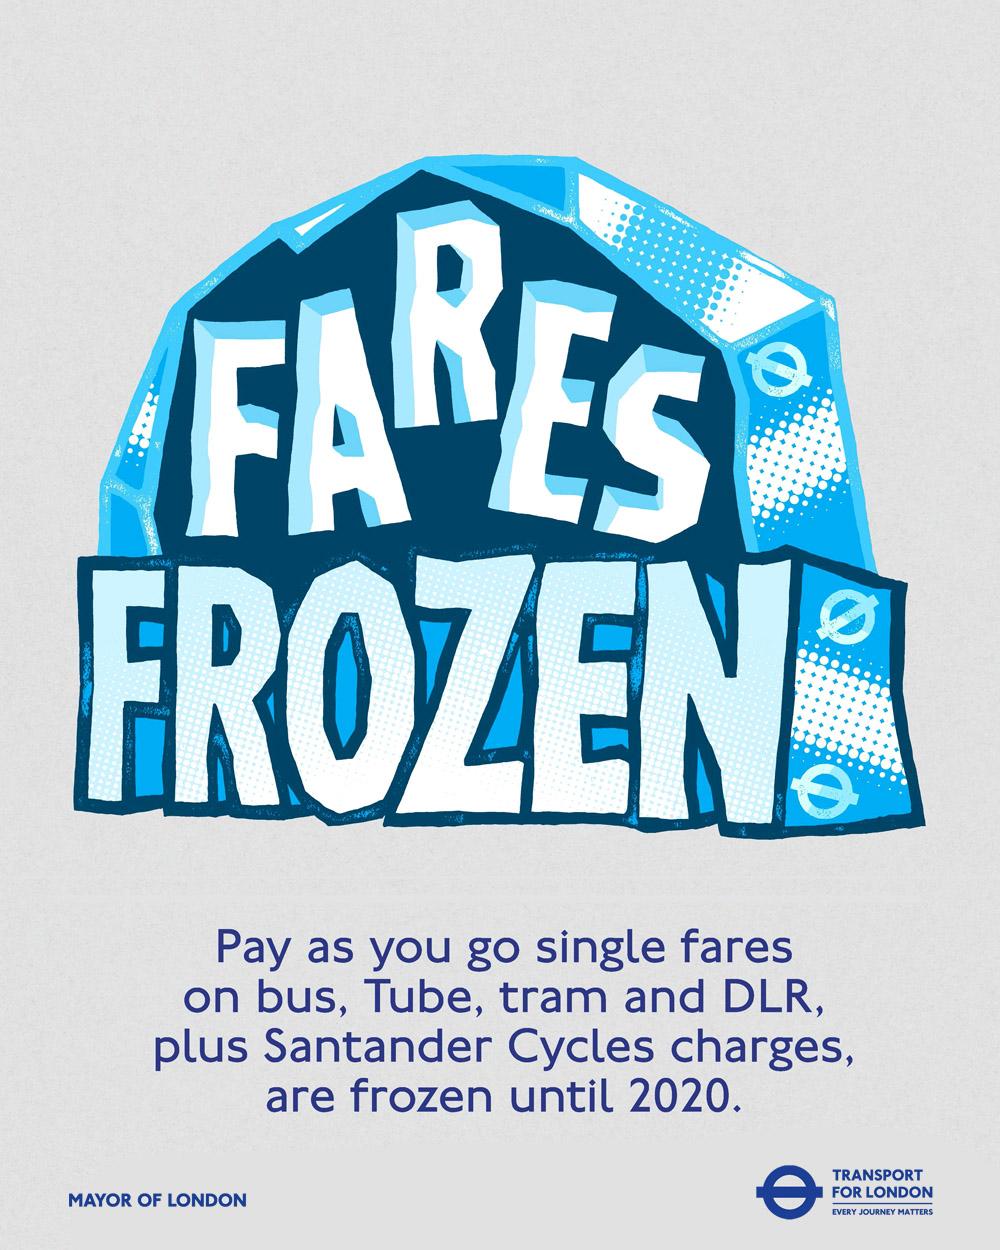 faresfrozen.jpg